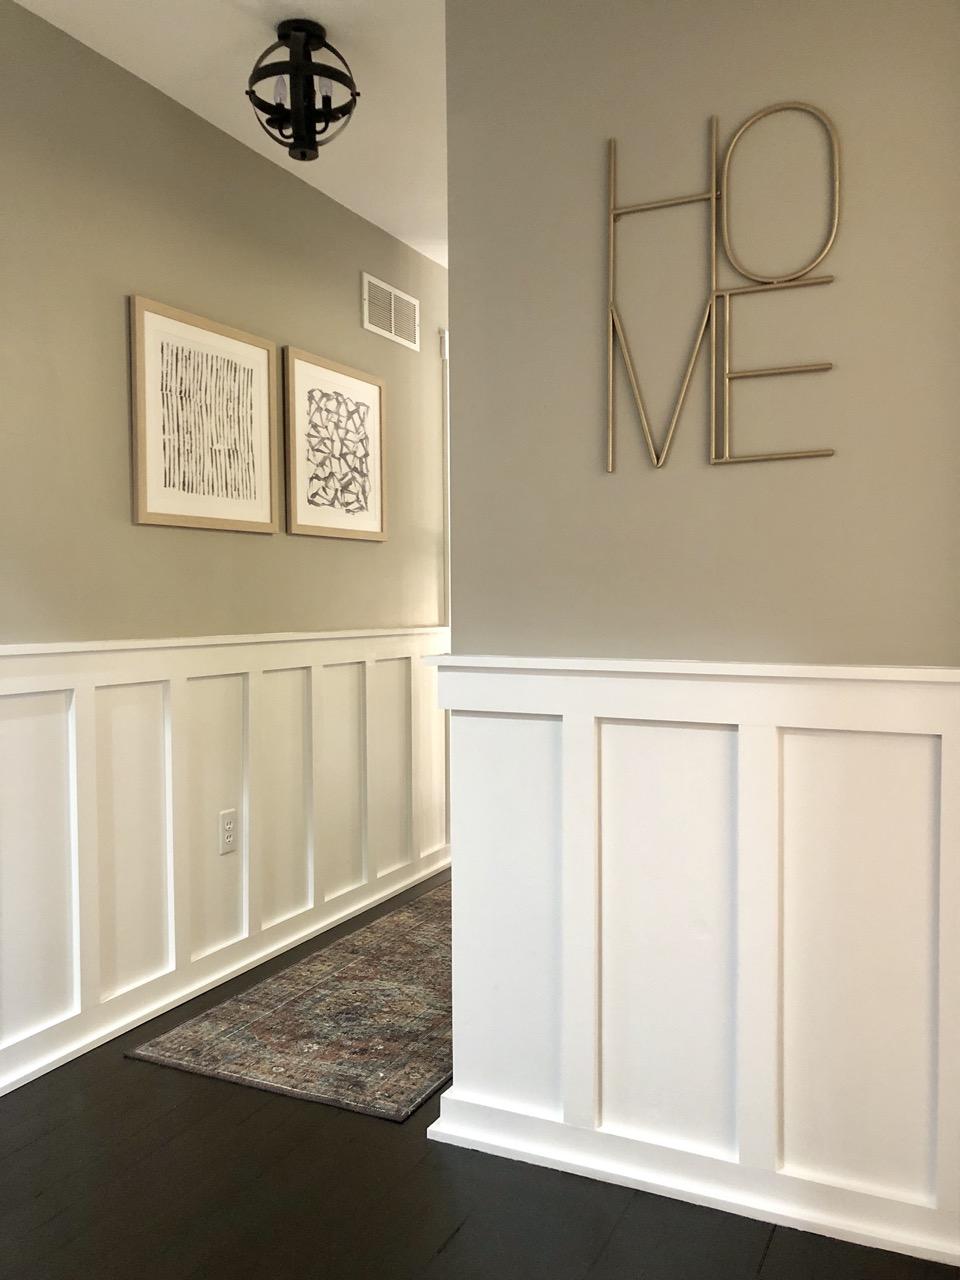 two hallway frames